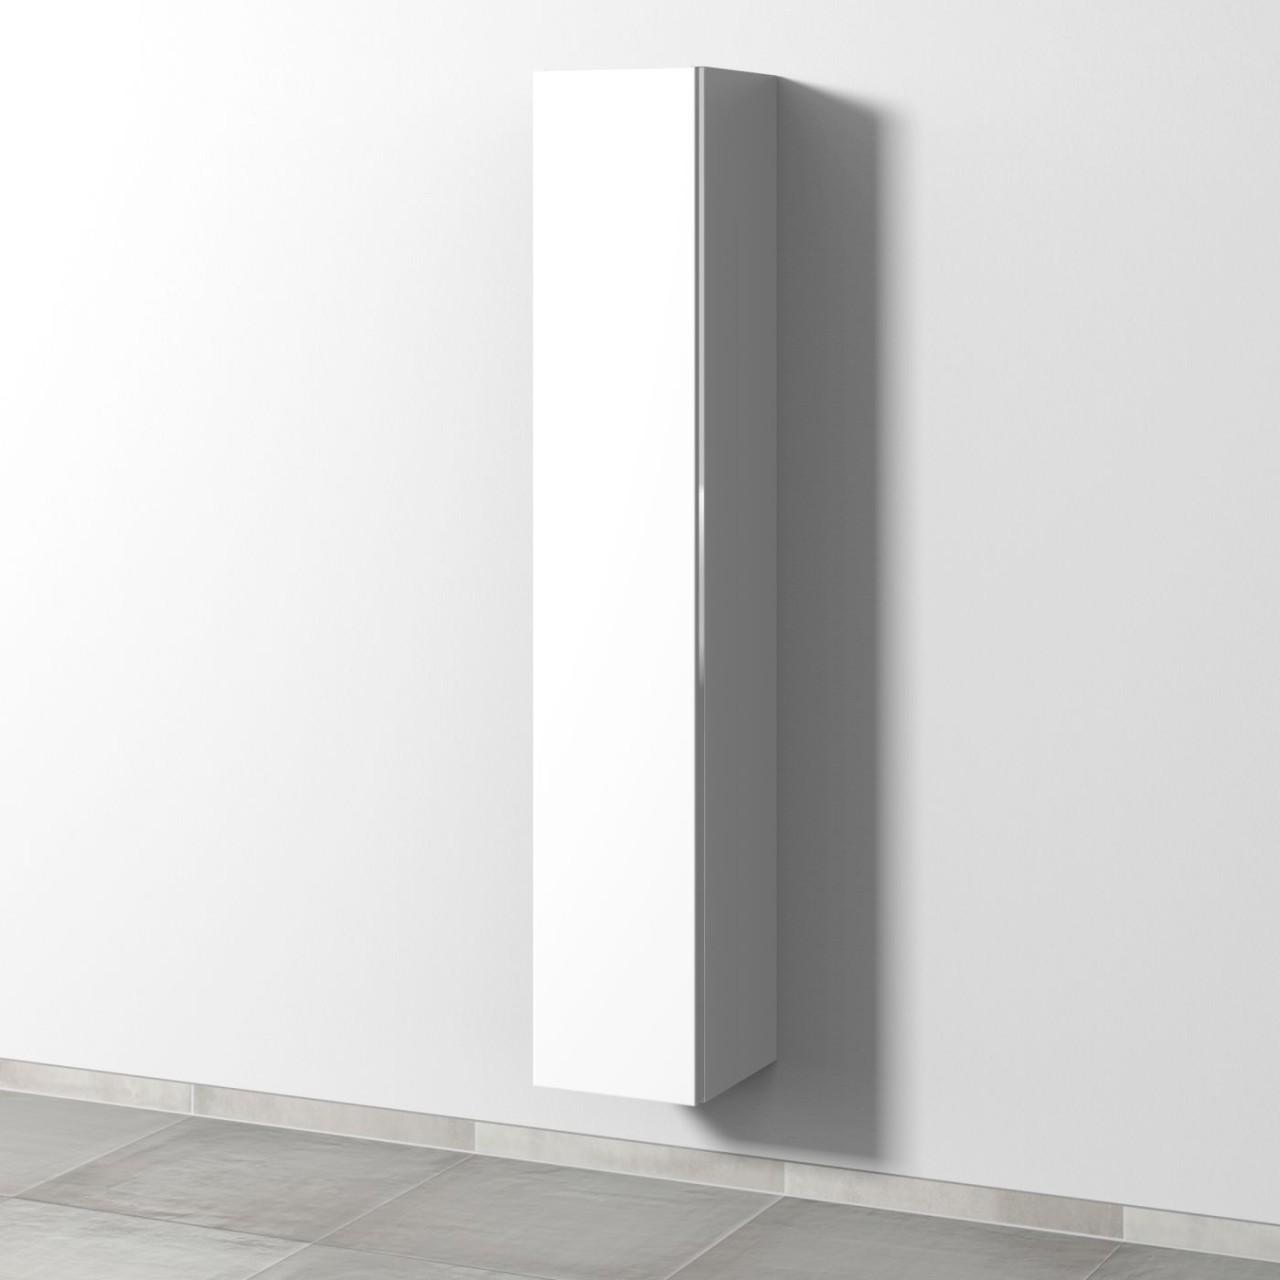 m bel von sanipa f r badezimmer g nstig online kaufen bei m bel garten. Black Bedroom Furniture Sets. Home Design Ideas